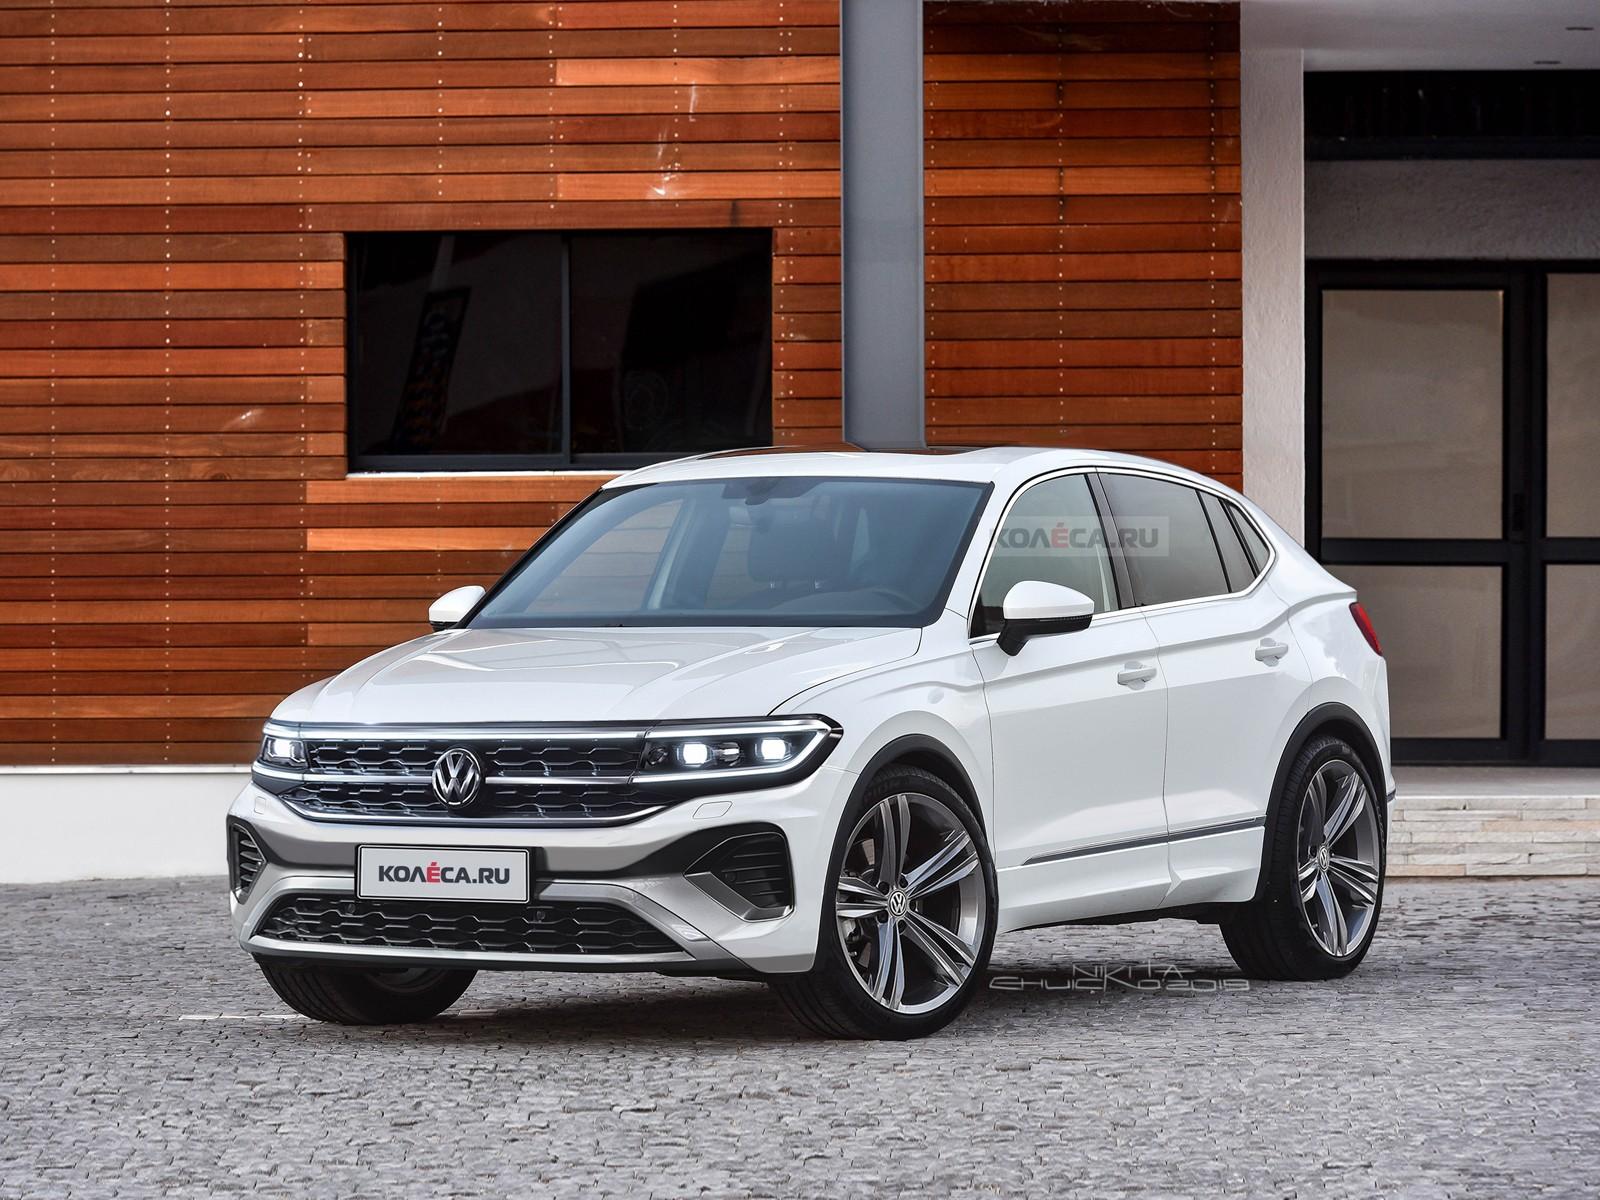 Новый Volkswagen Tiguan: первые изображения